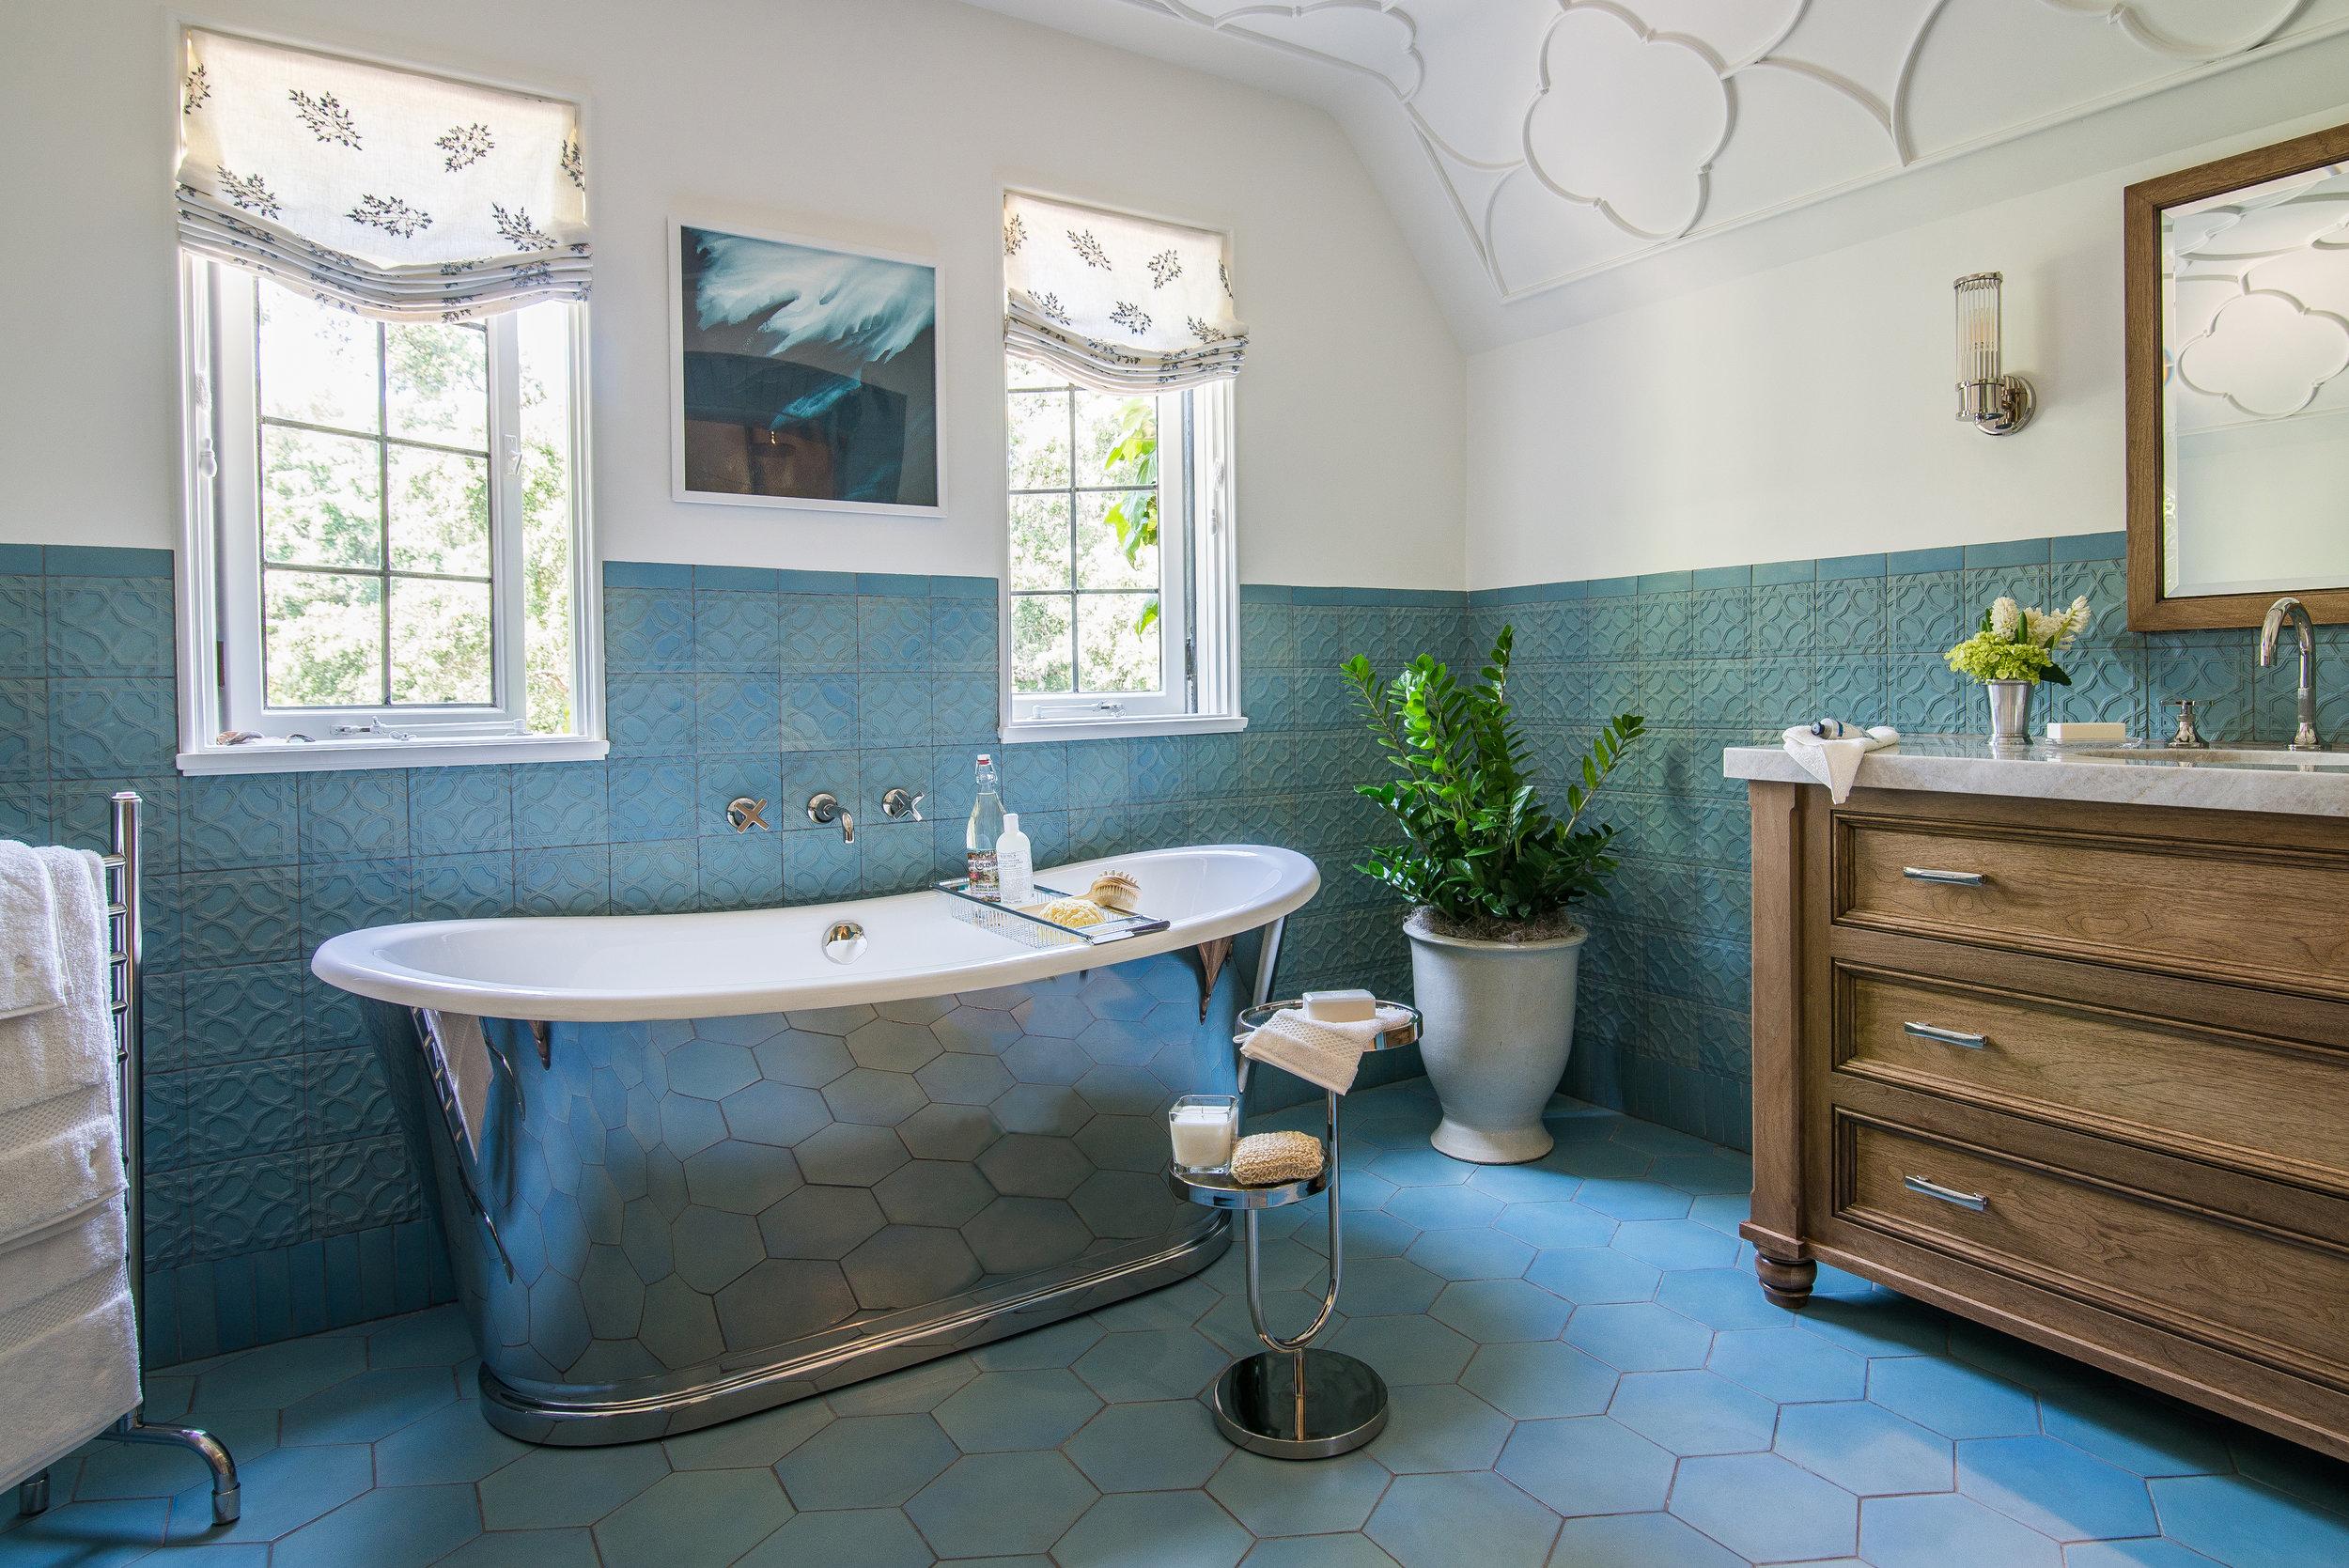 00-la loma-bath 3.jpg